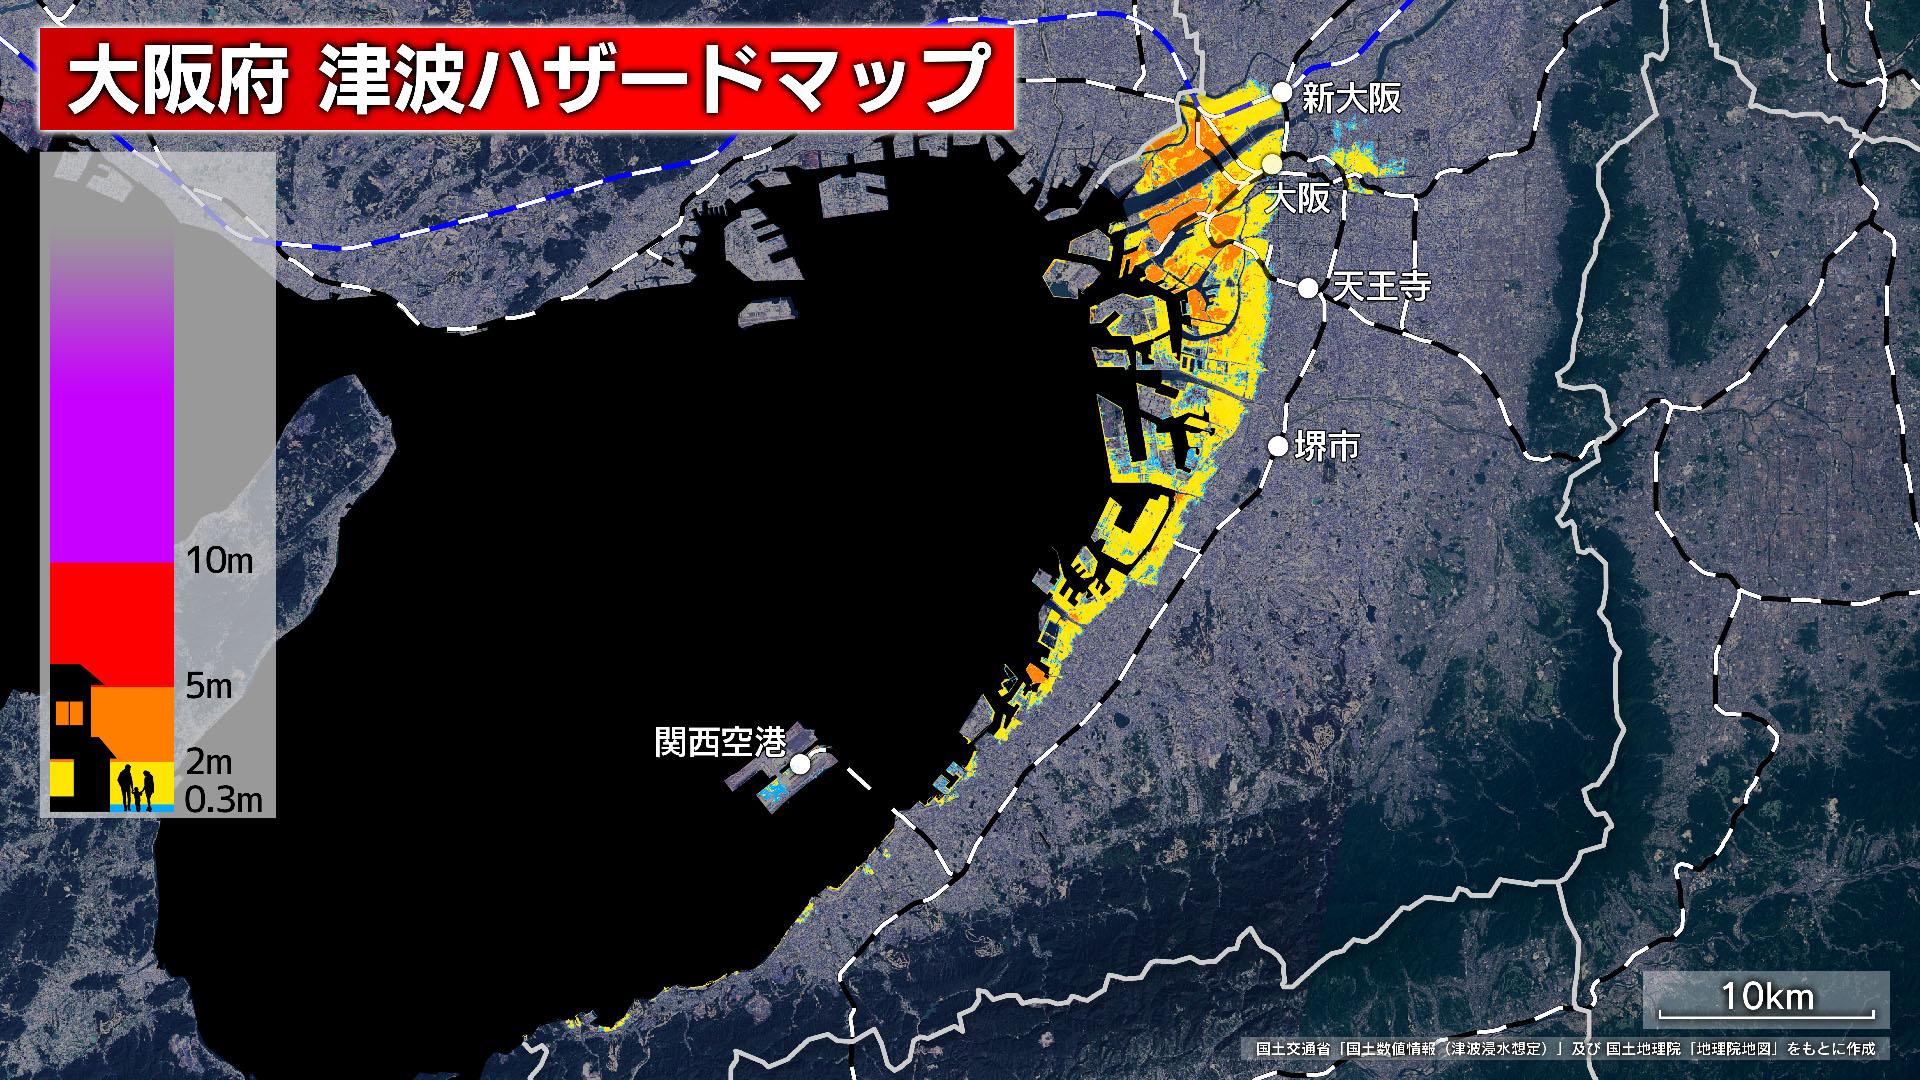 大阪府 津波ハザードマップ